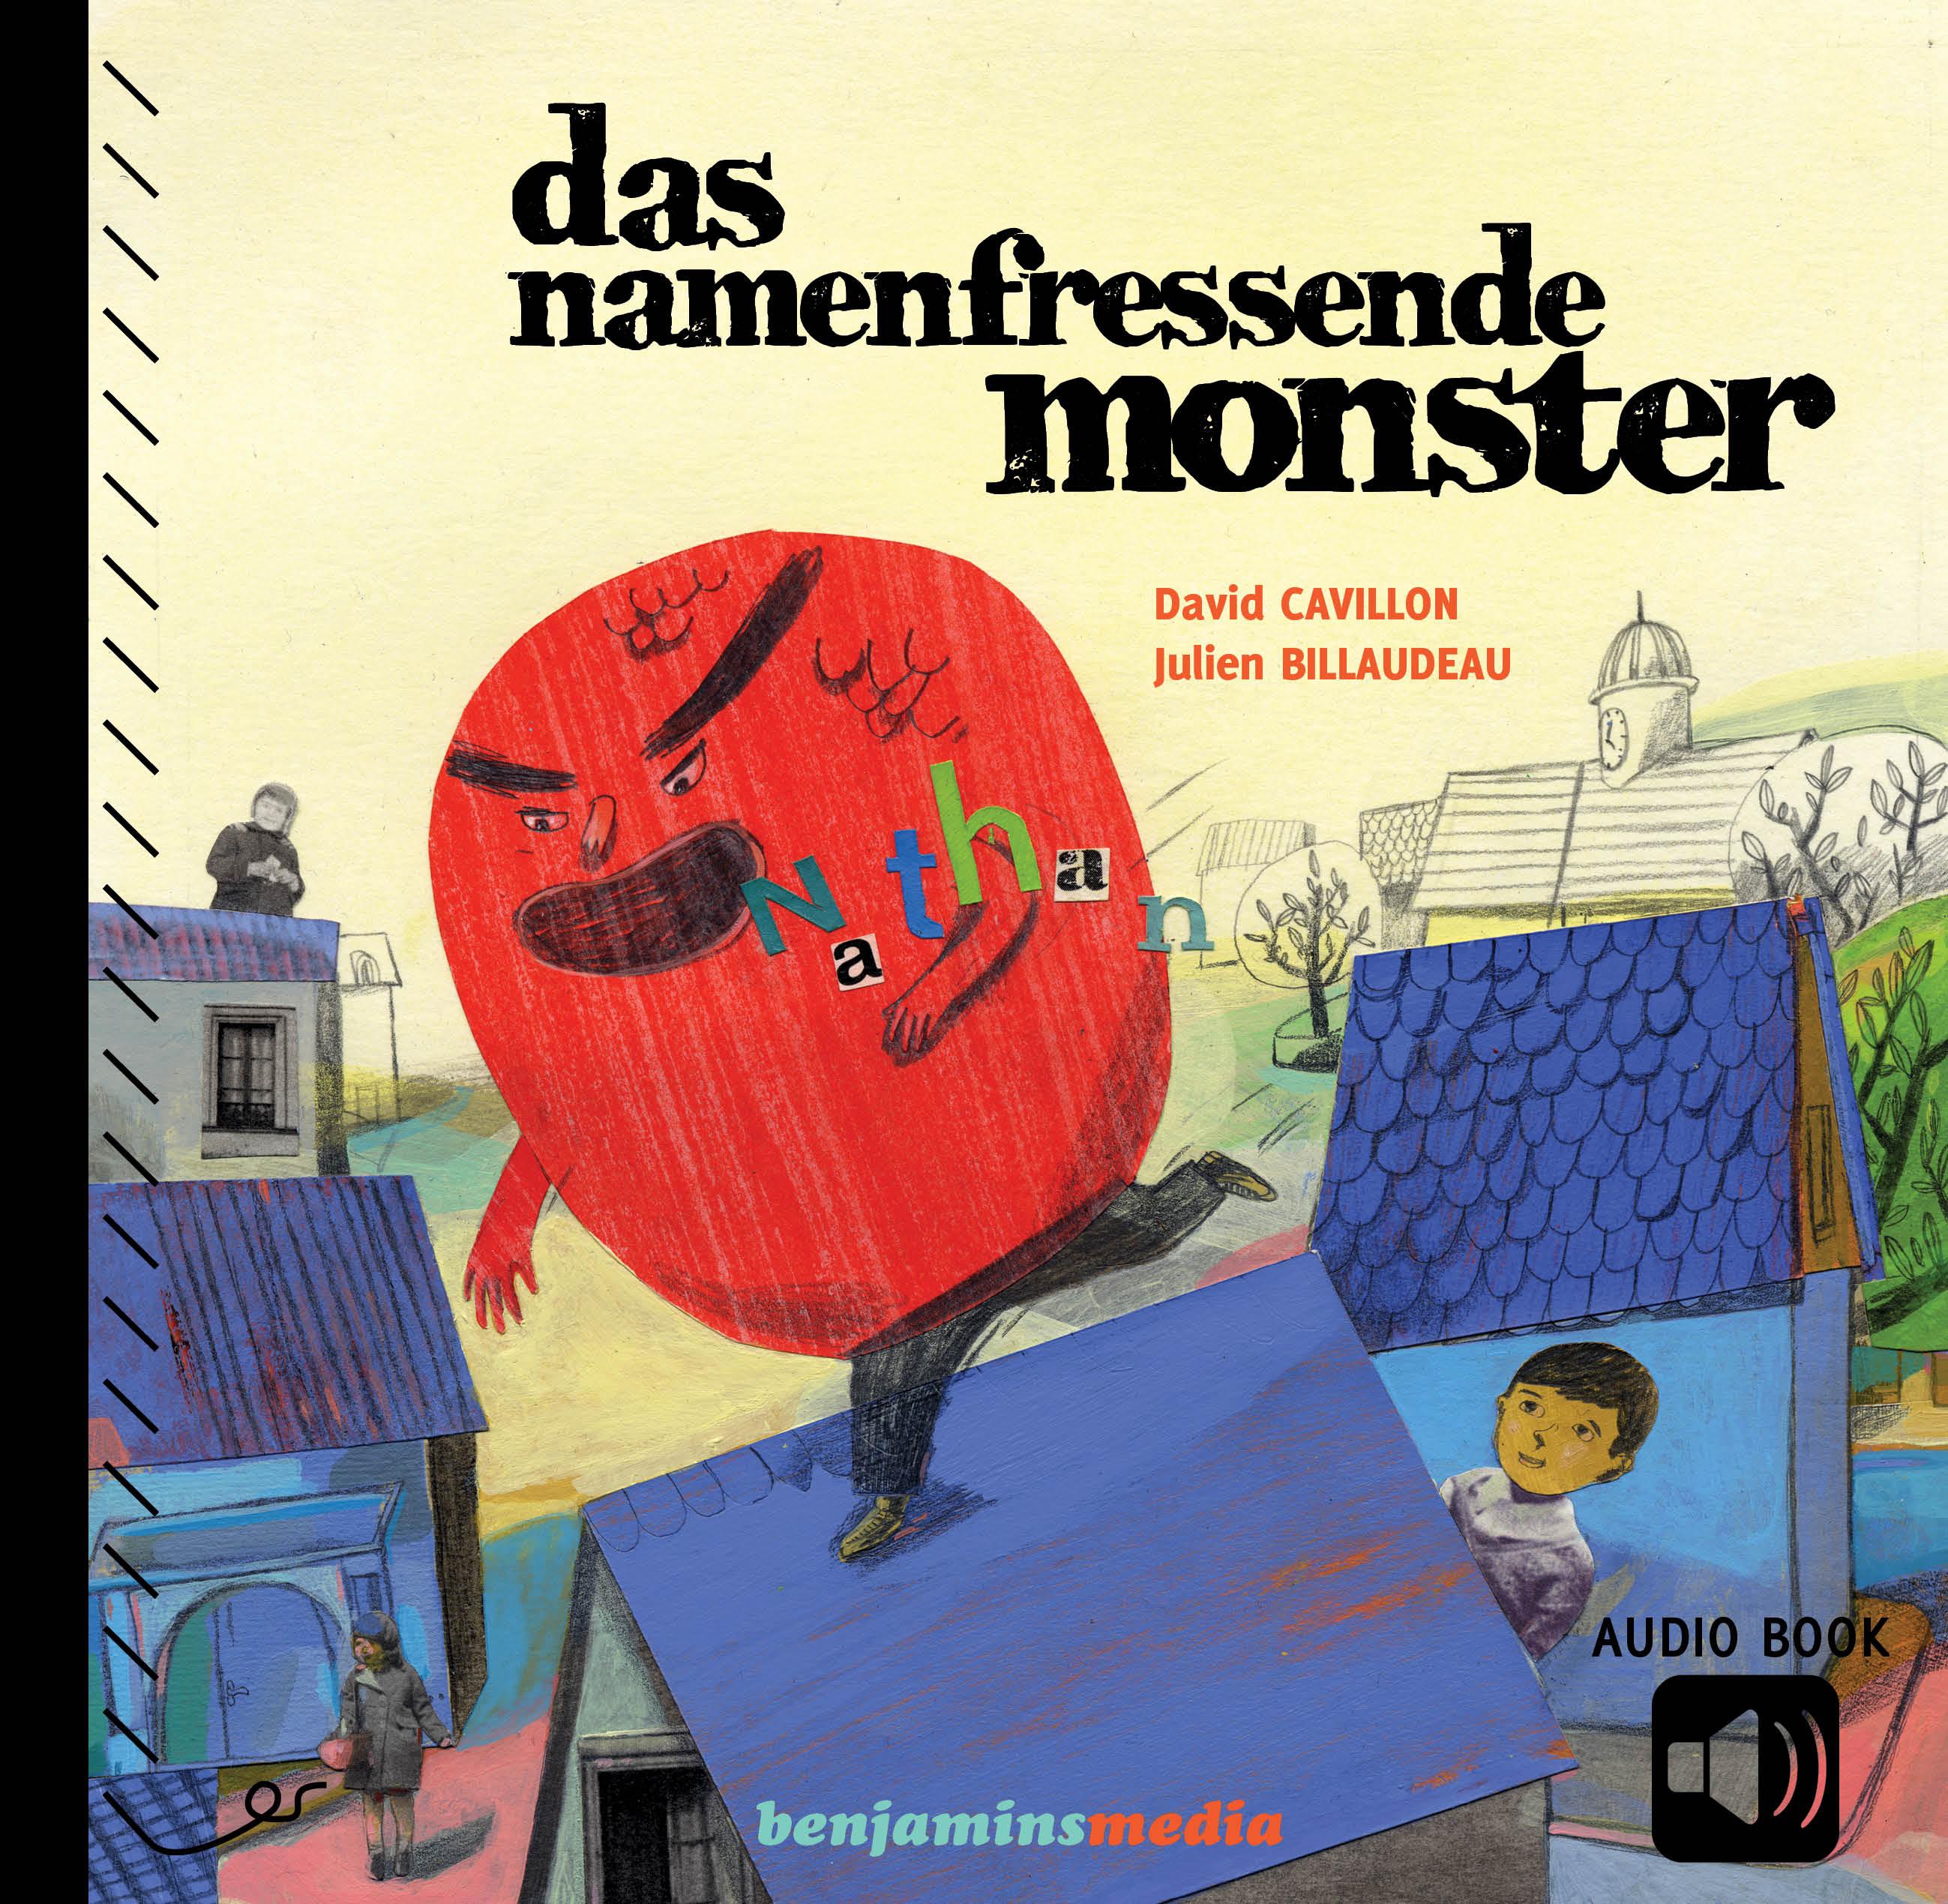 Das namenfressende Monster